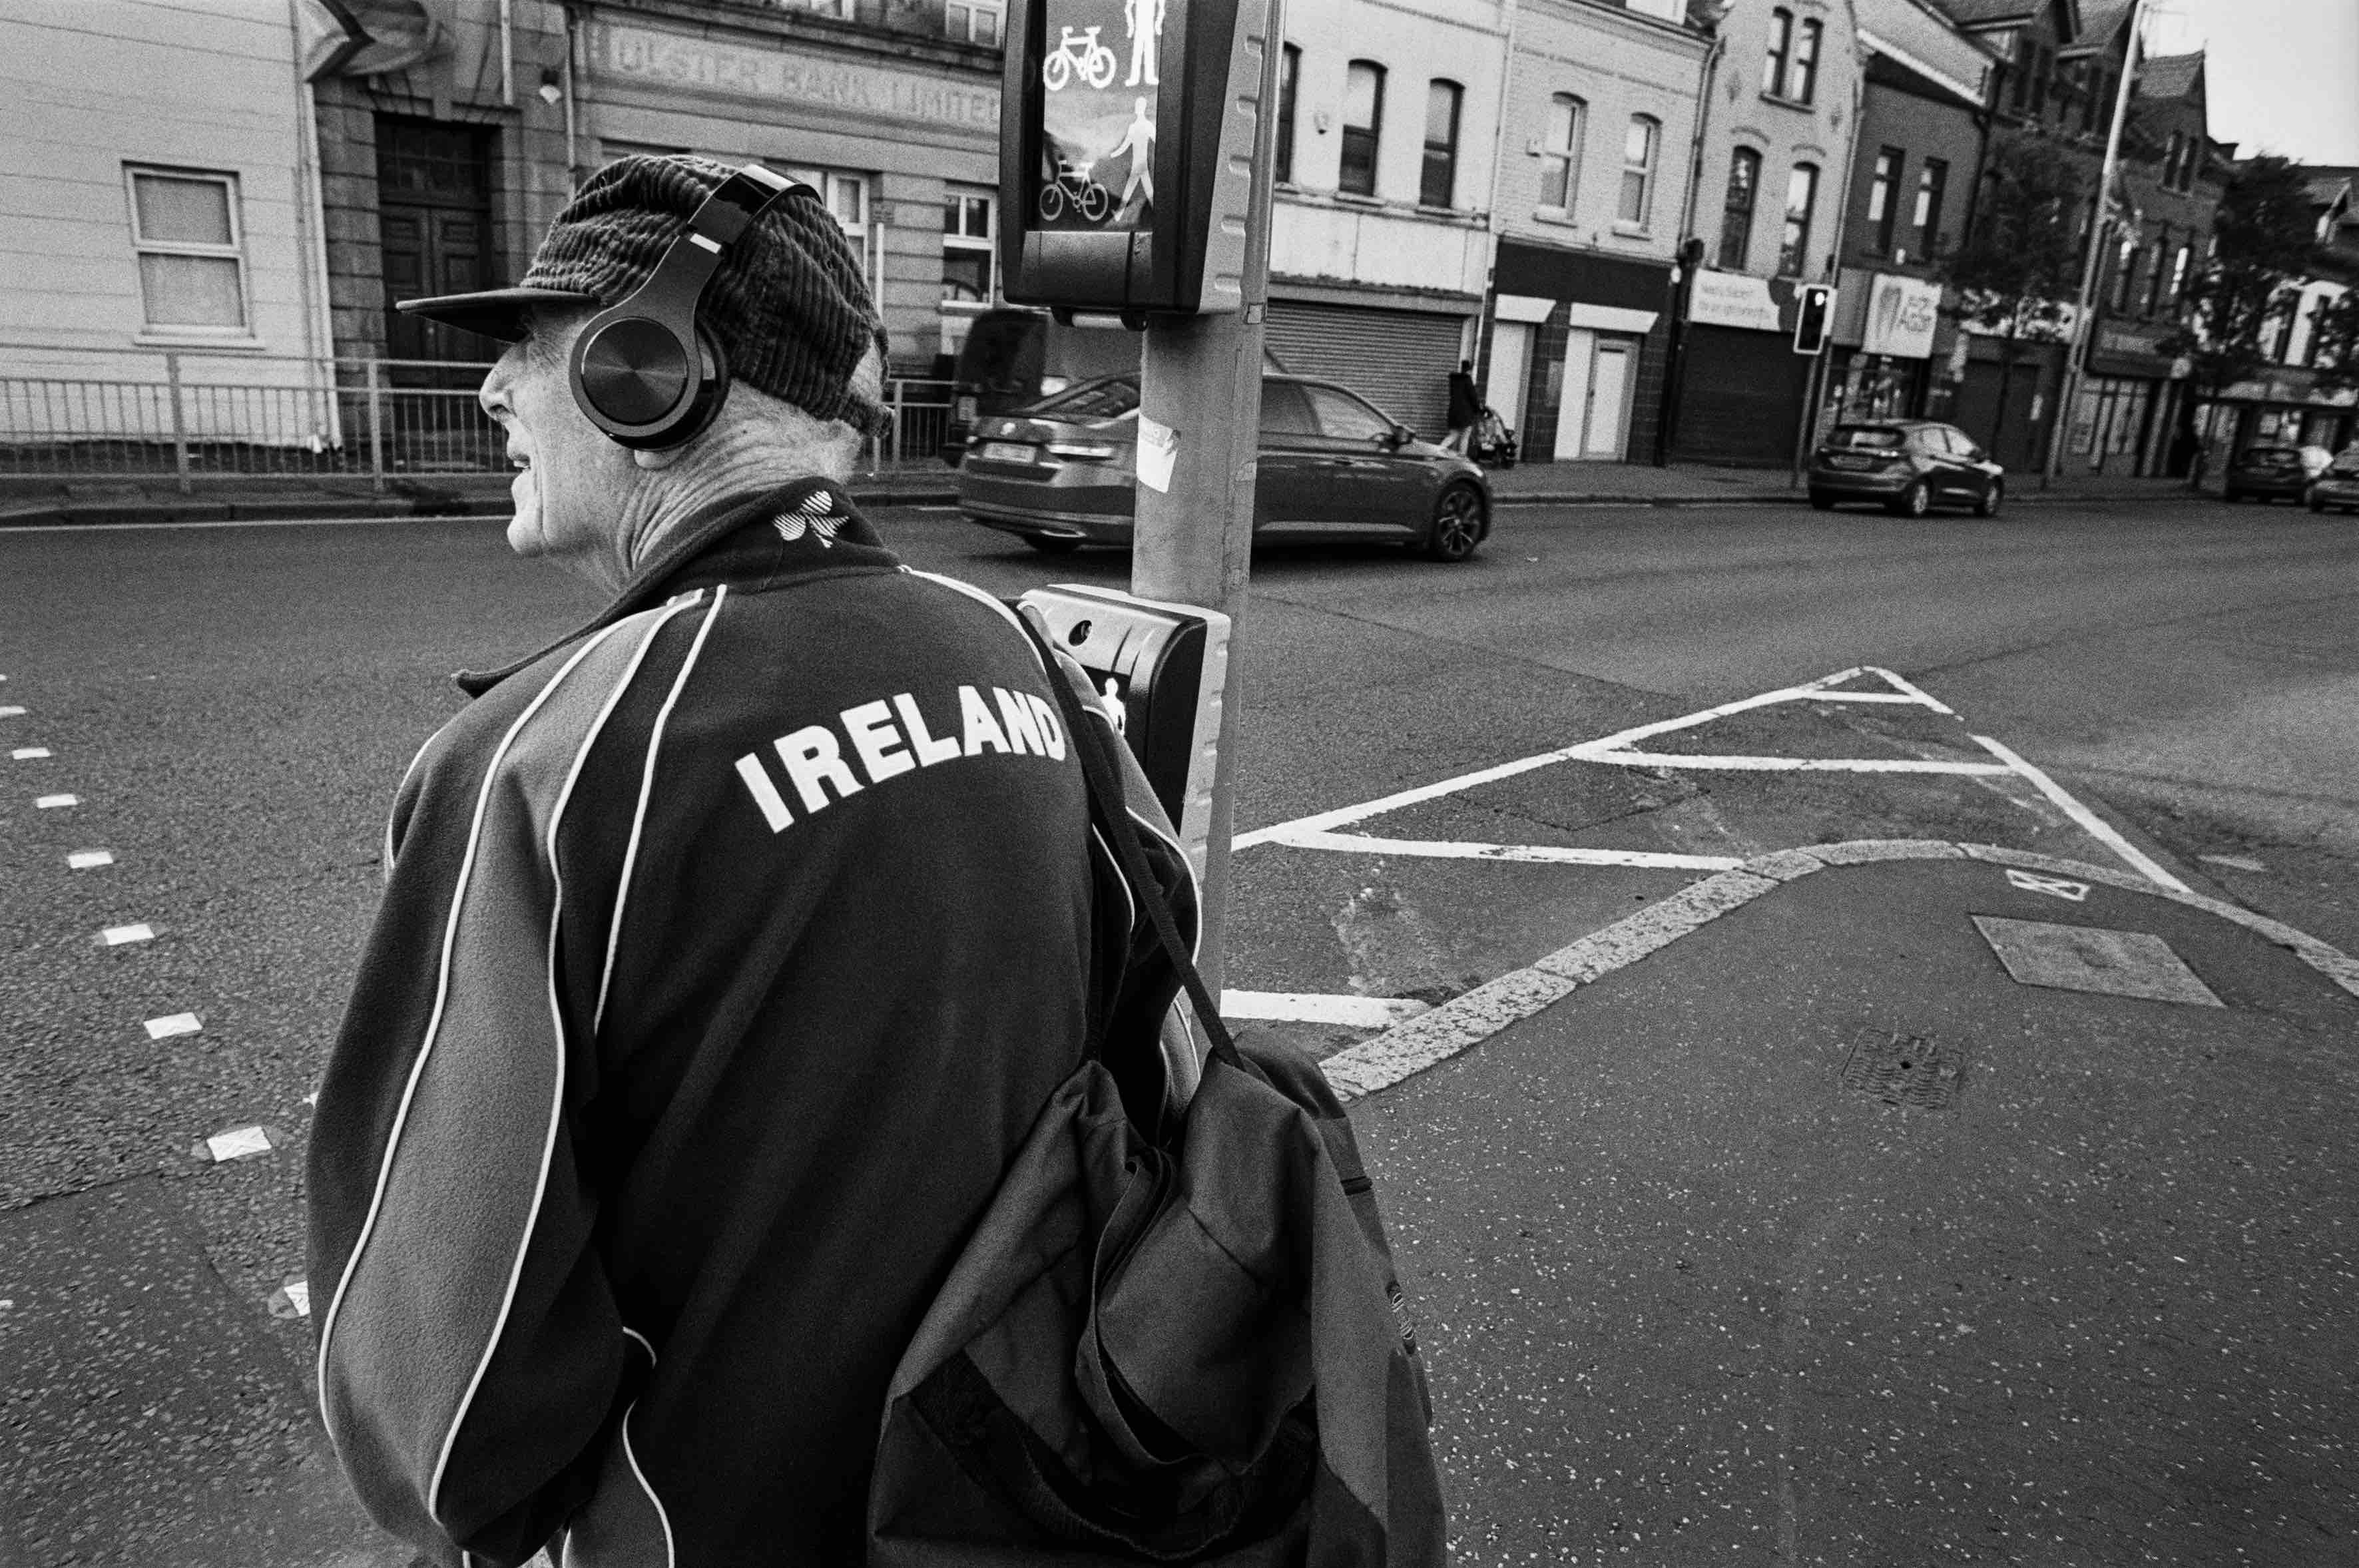 p 67 Homme Ireland